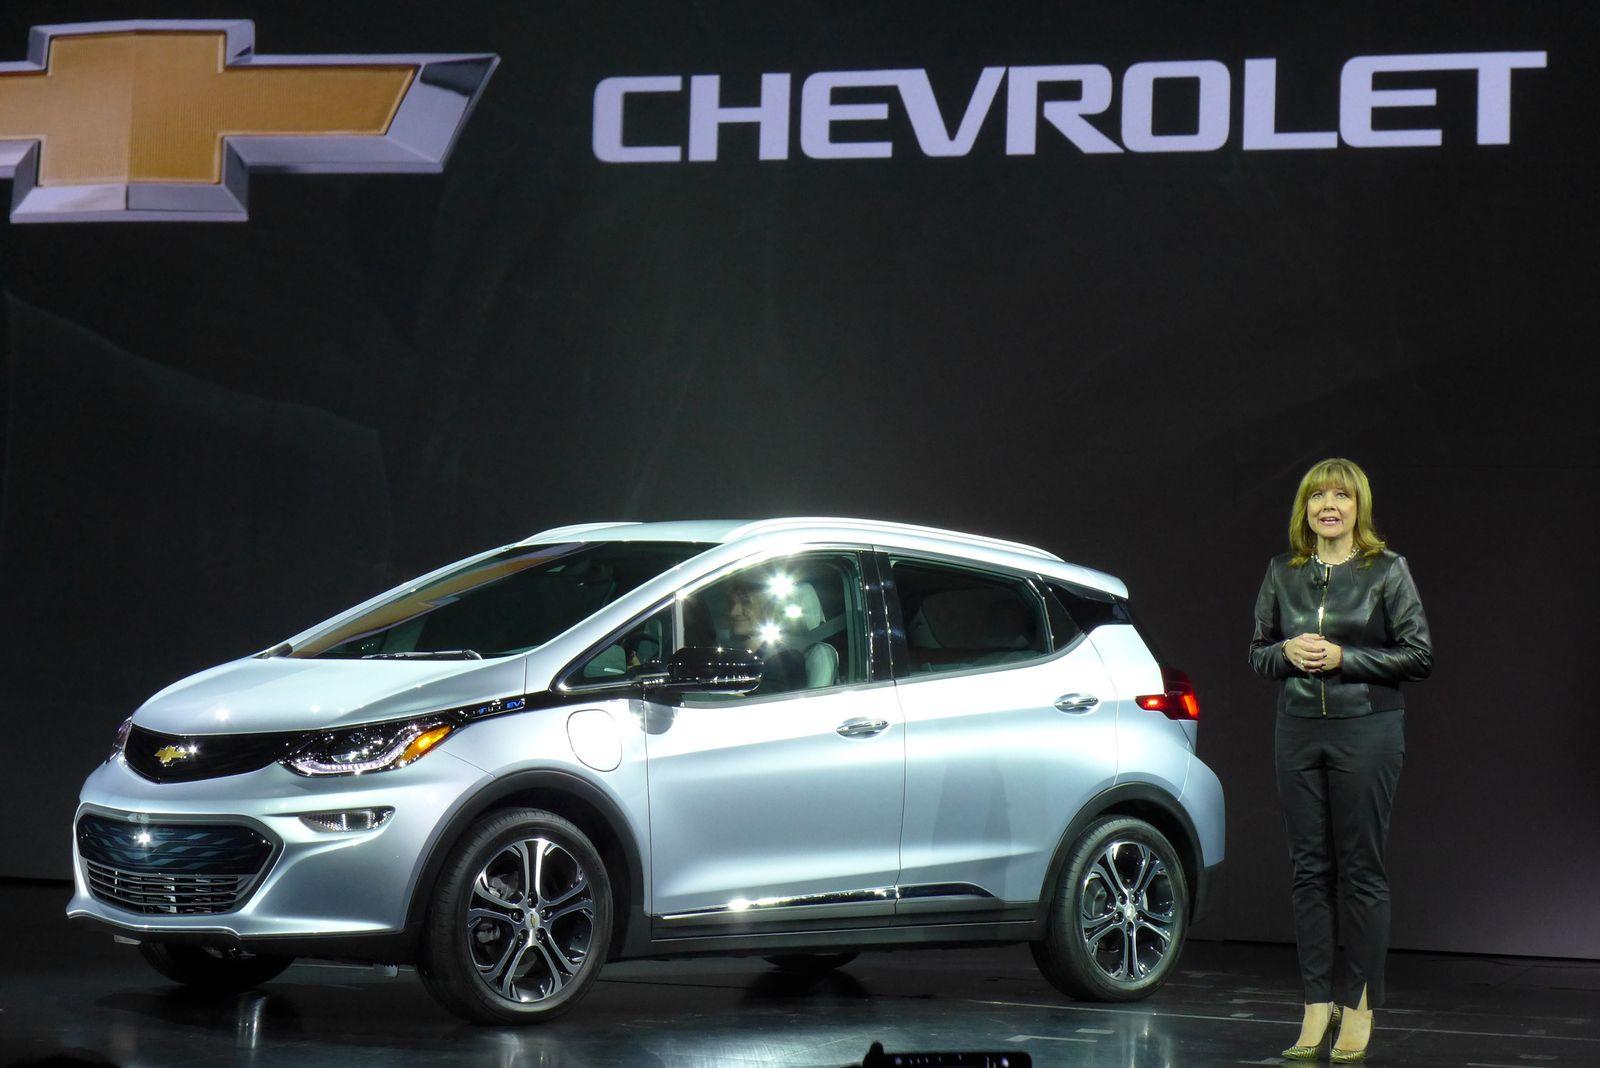 Chevrolet Bolt / Elektroauto / CES 2016 / Mary Barra